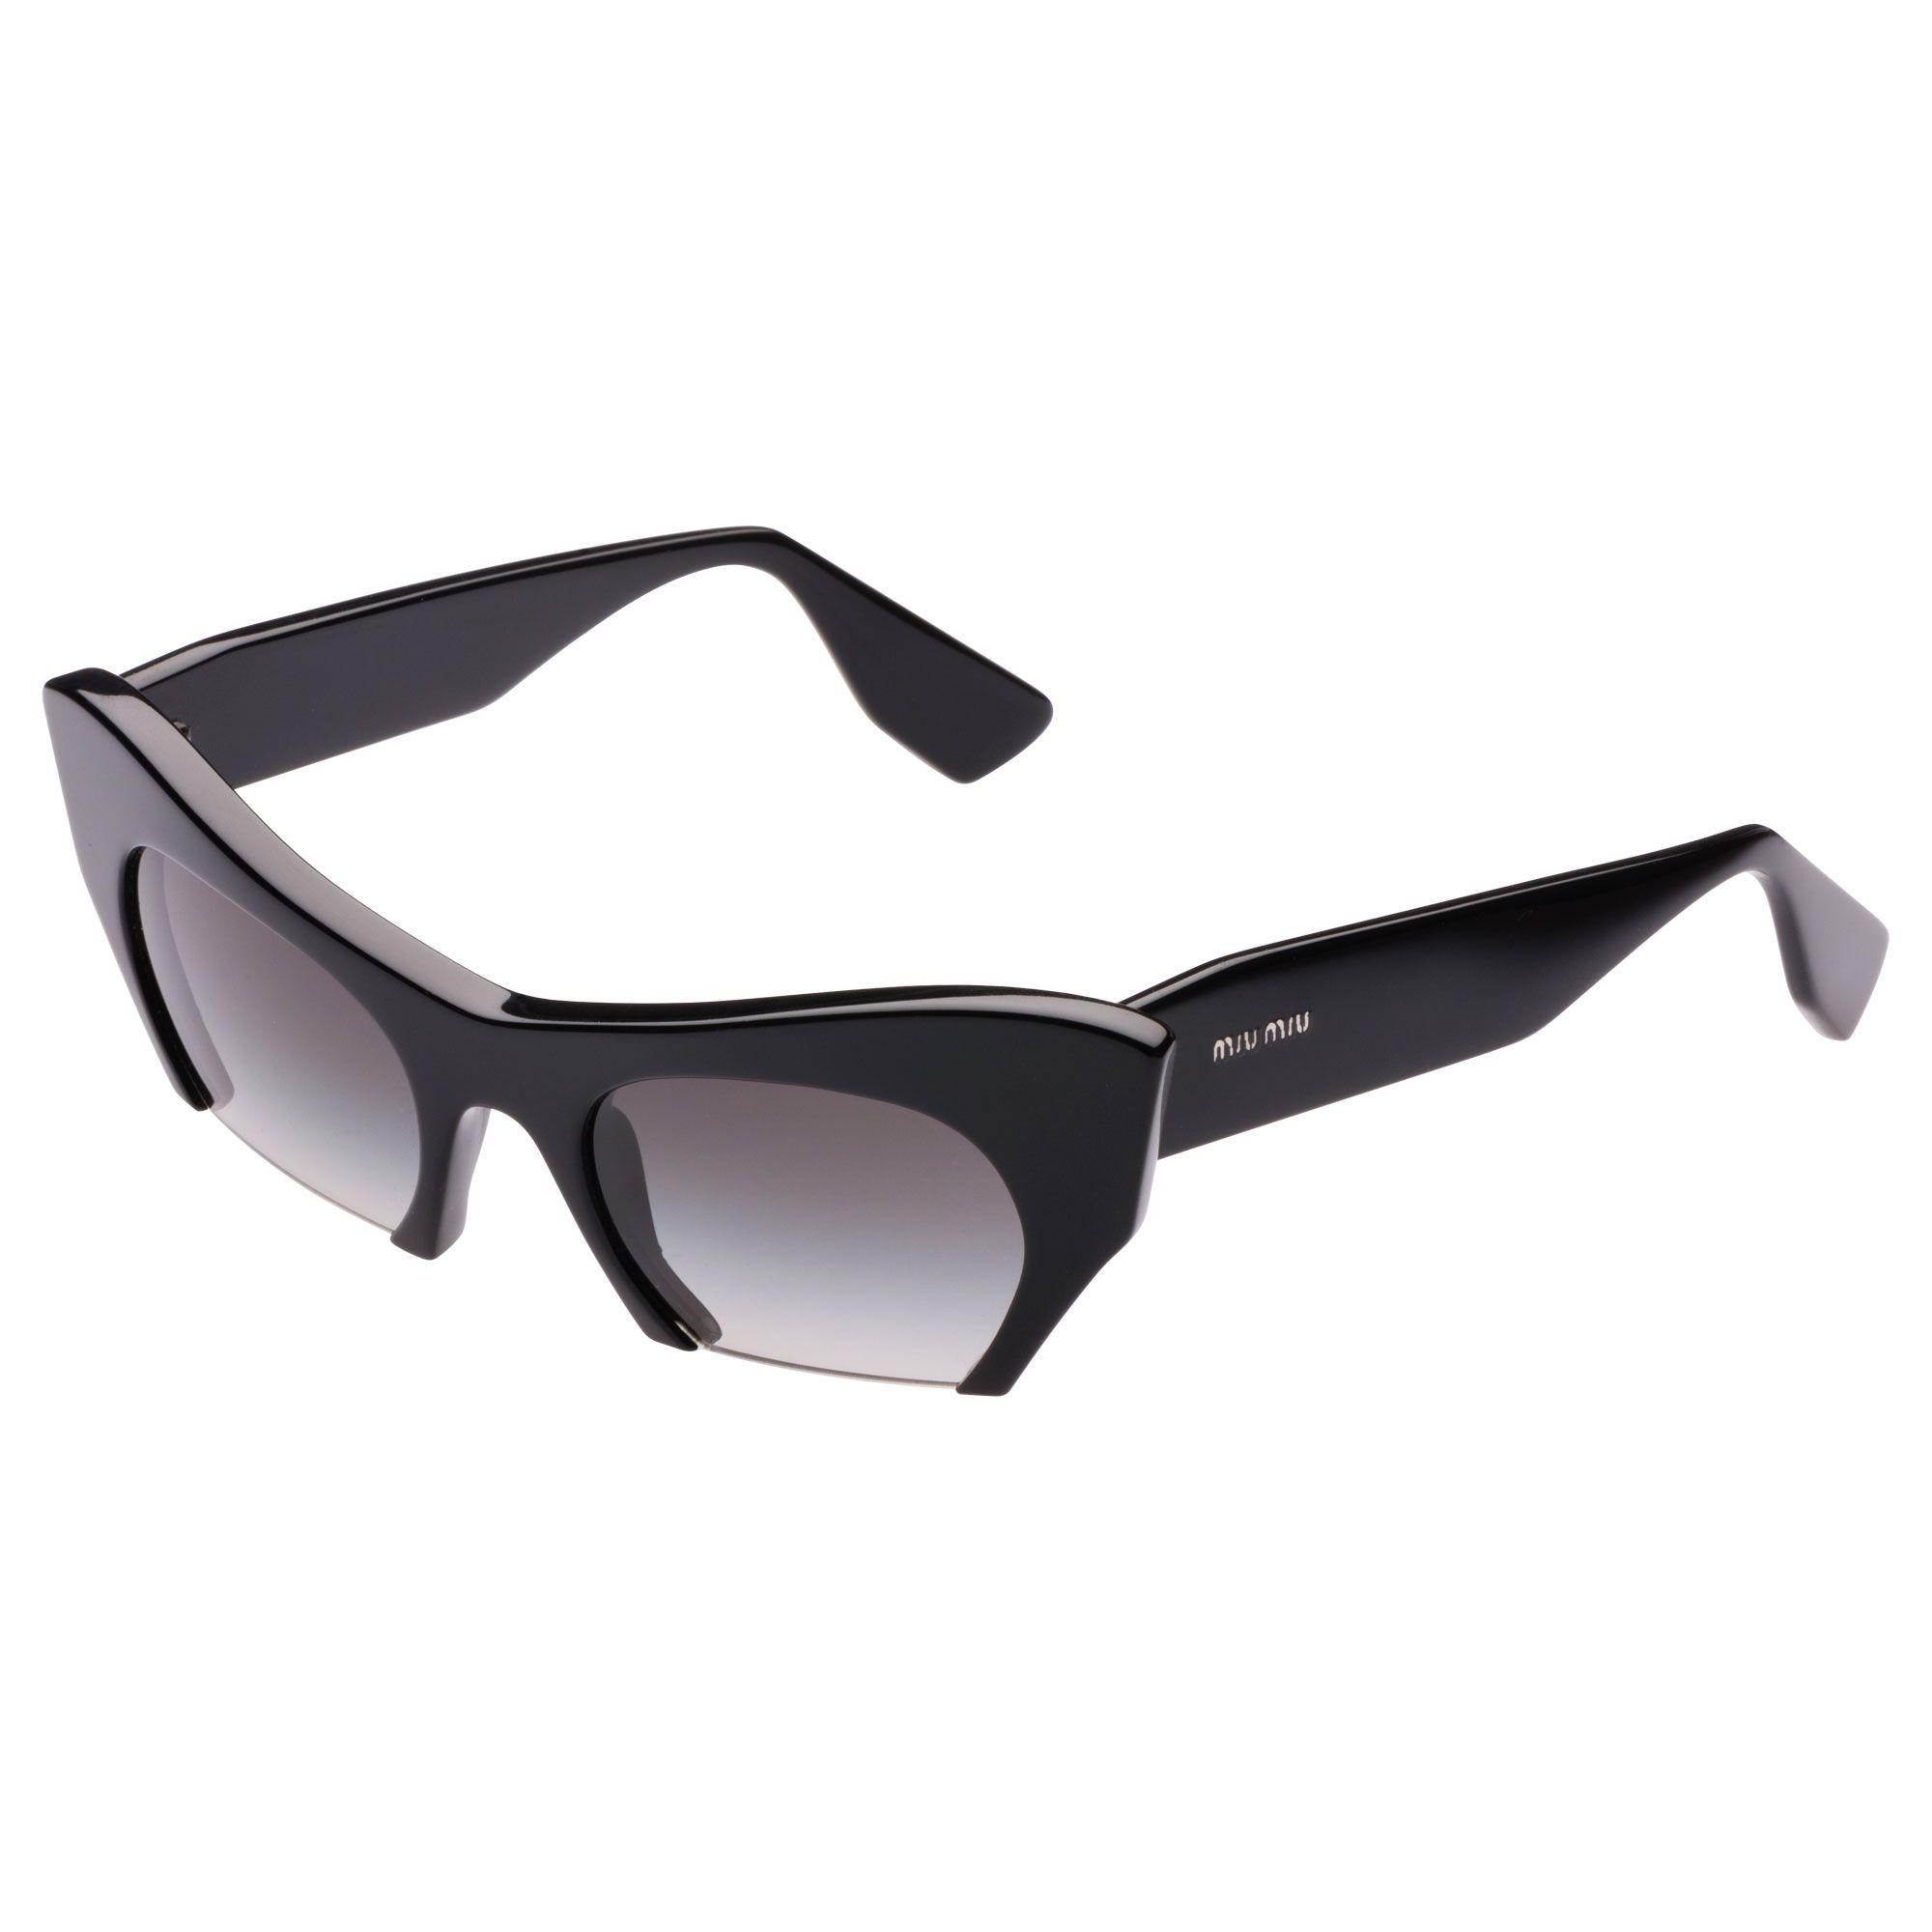 miu miu e store eyewear acetate sunglasses - Miu Miu Eyeglasses Frames